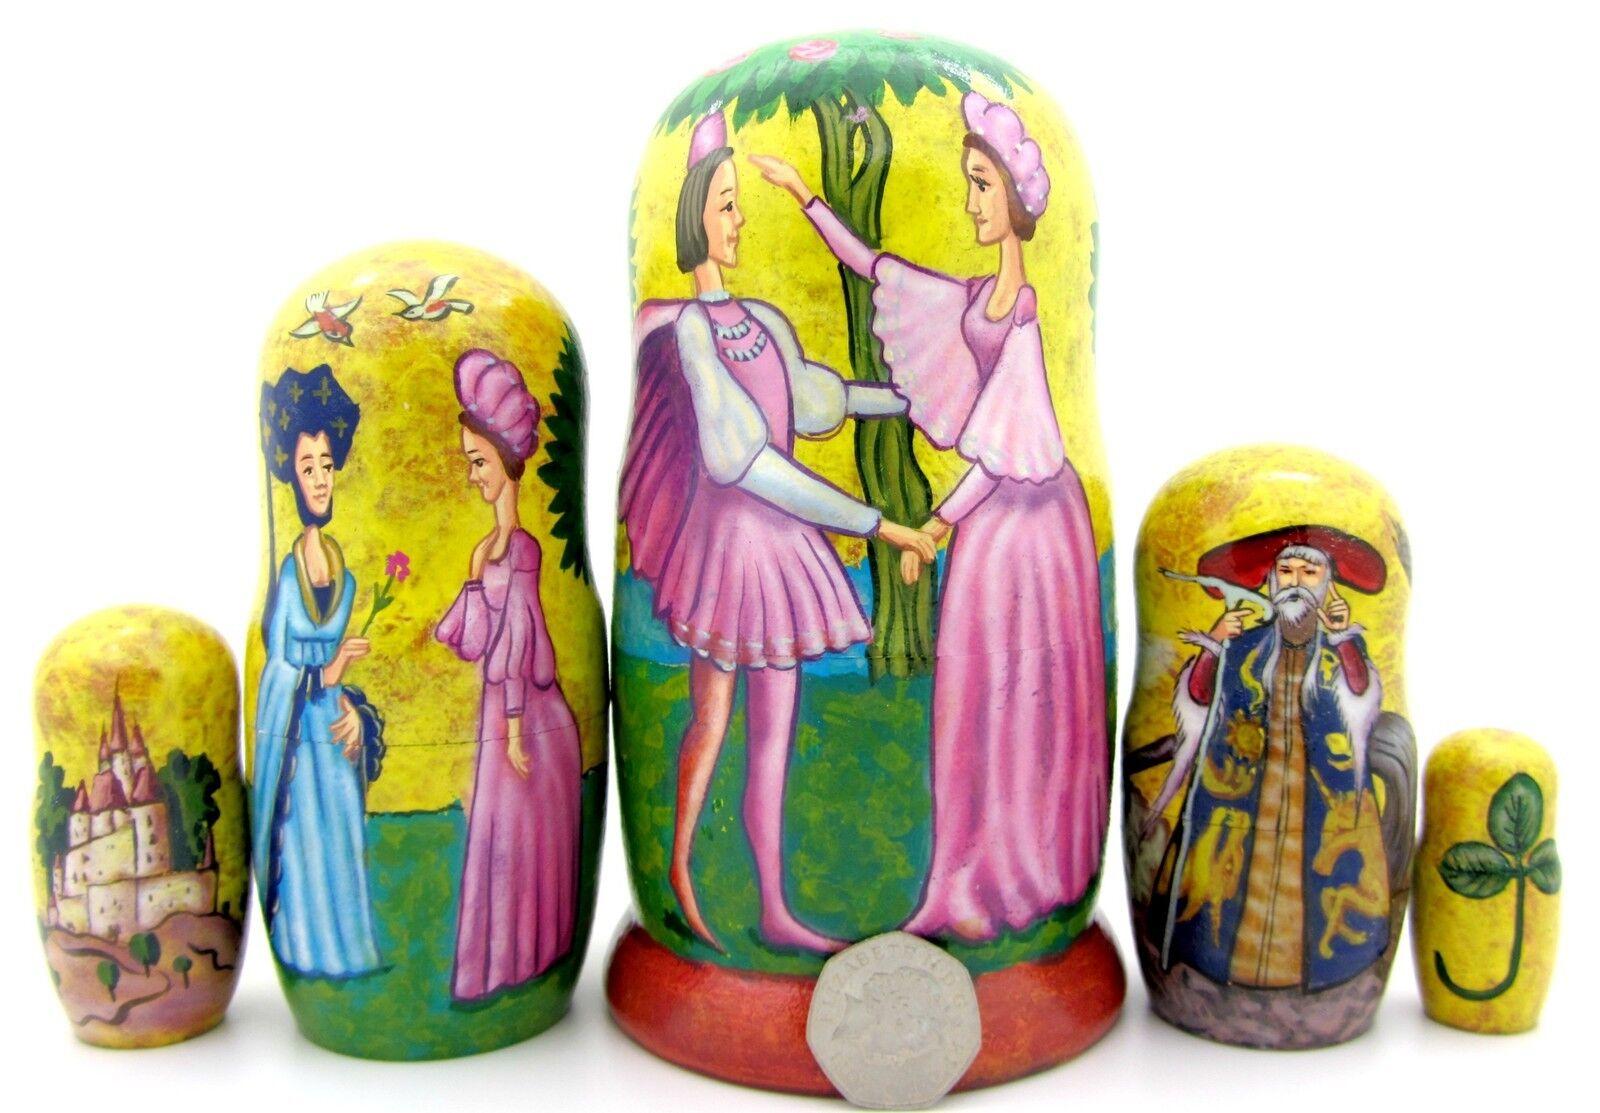 Matrioska Nidificazione Dtuttia Russia Bambole Baautobushka Originale  5 inglese Fairy  articoli promozionali